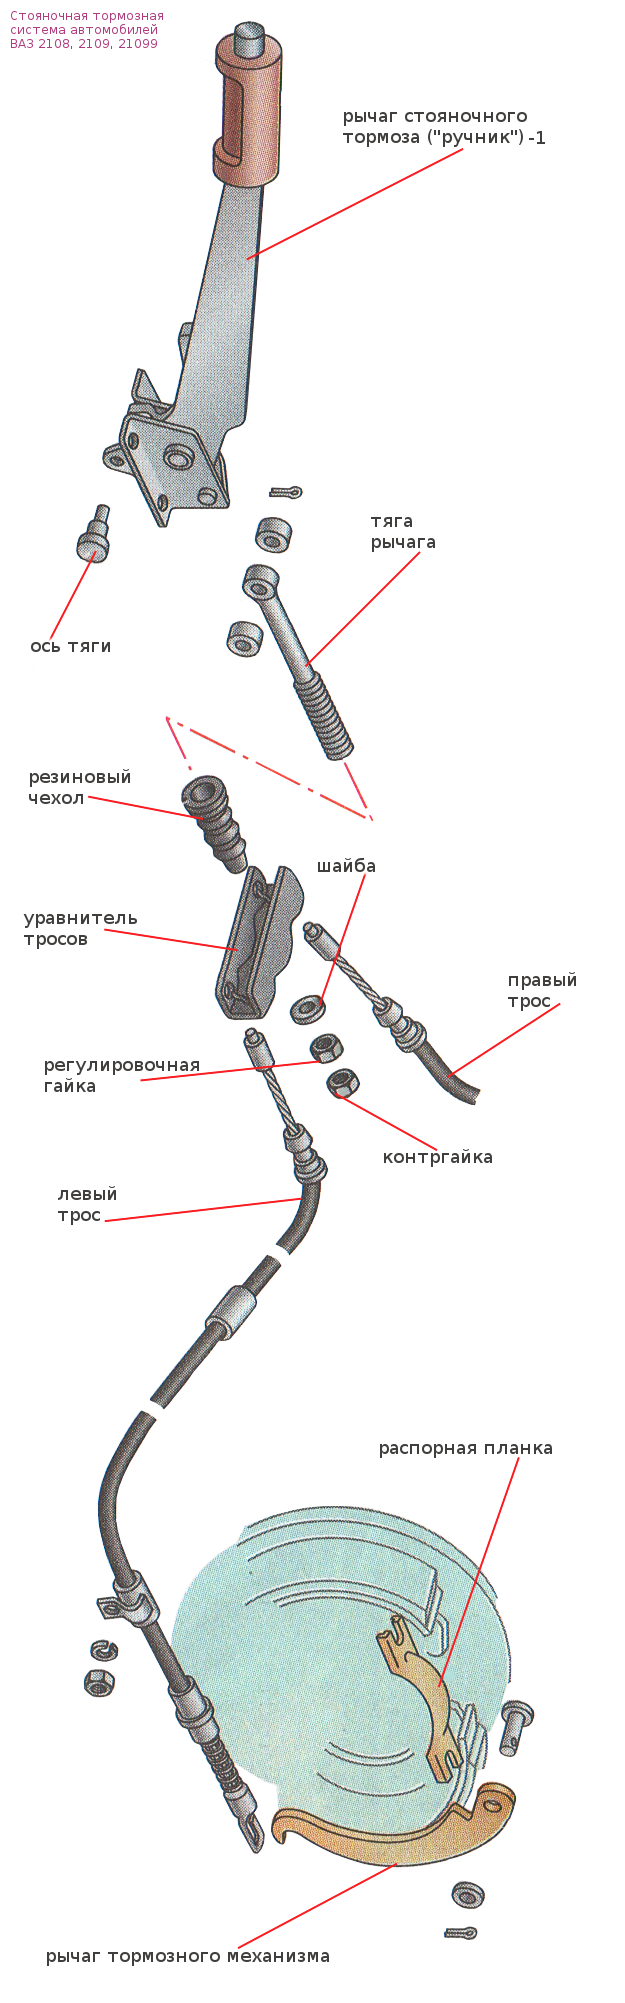 схема стояночной системы 2108, 2109